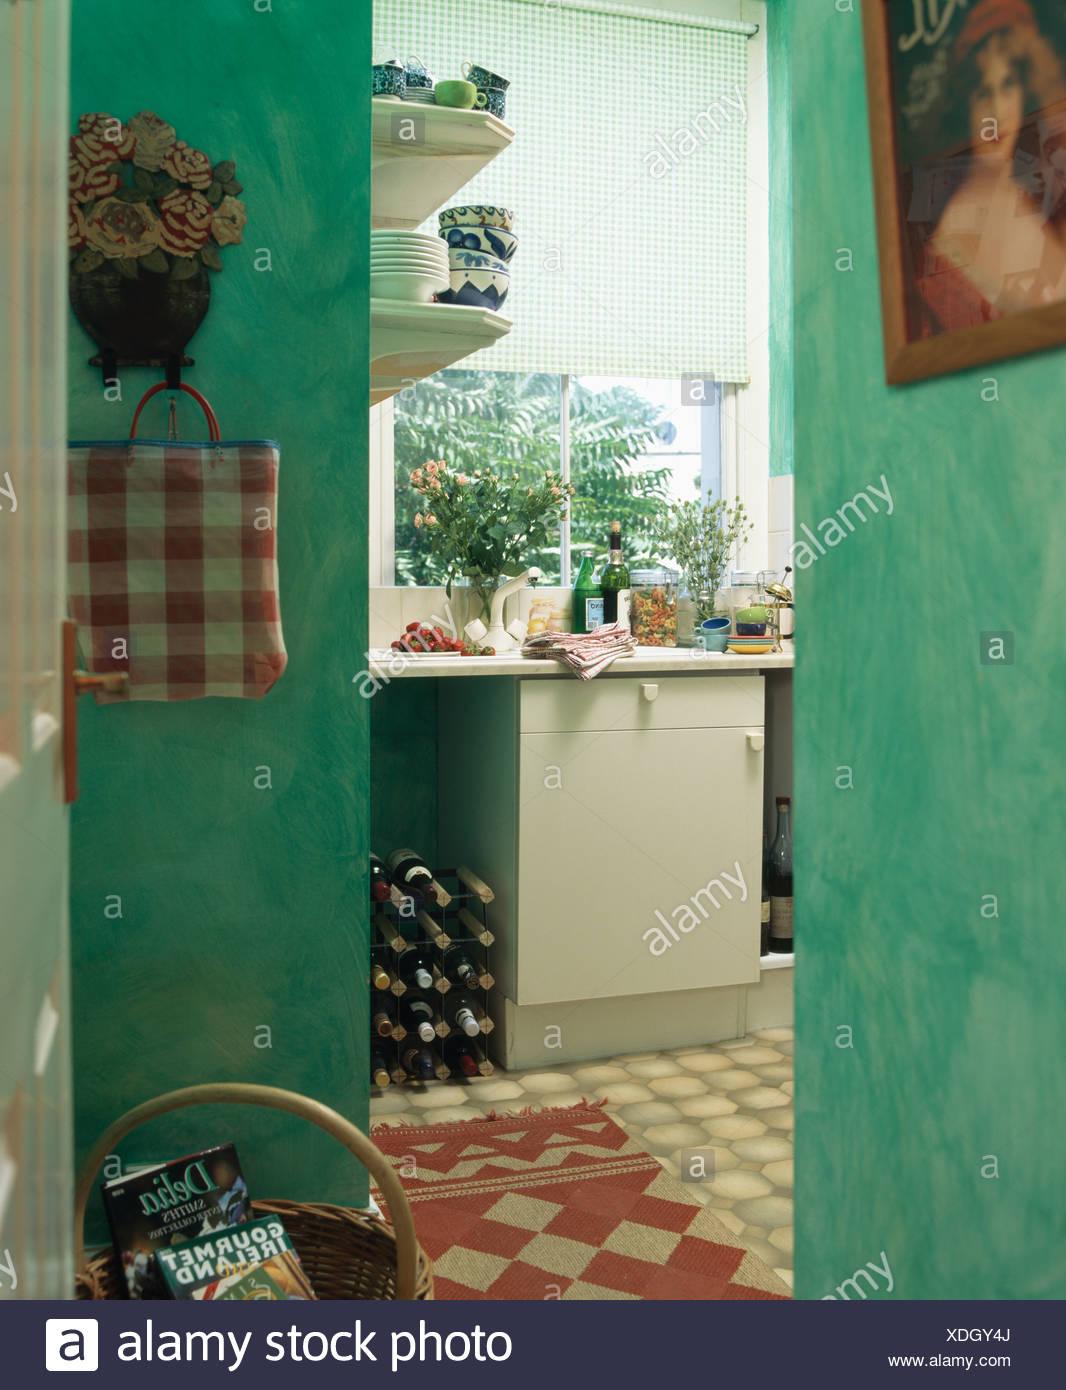 Fein Bauernküche Teppich Bilder - Ideen Für Die Küche Dekoration ...